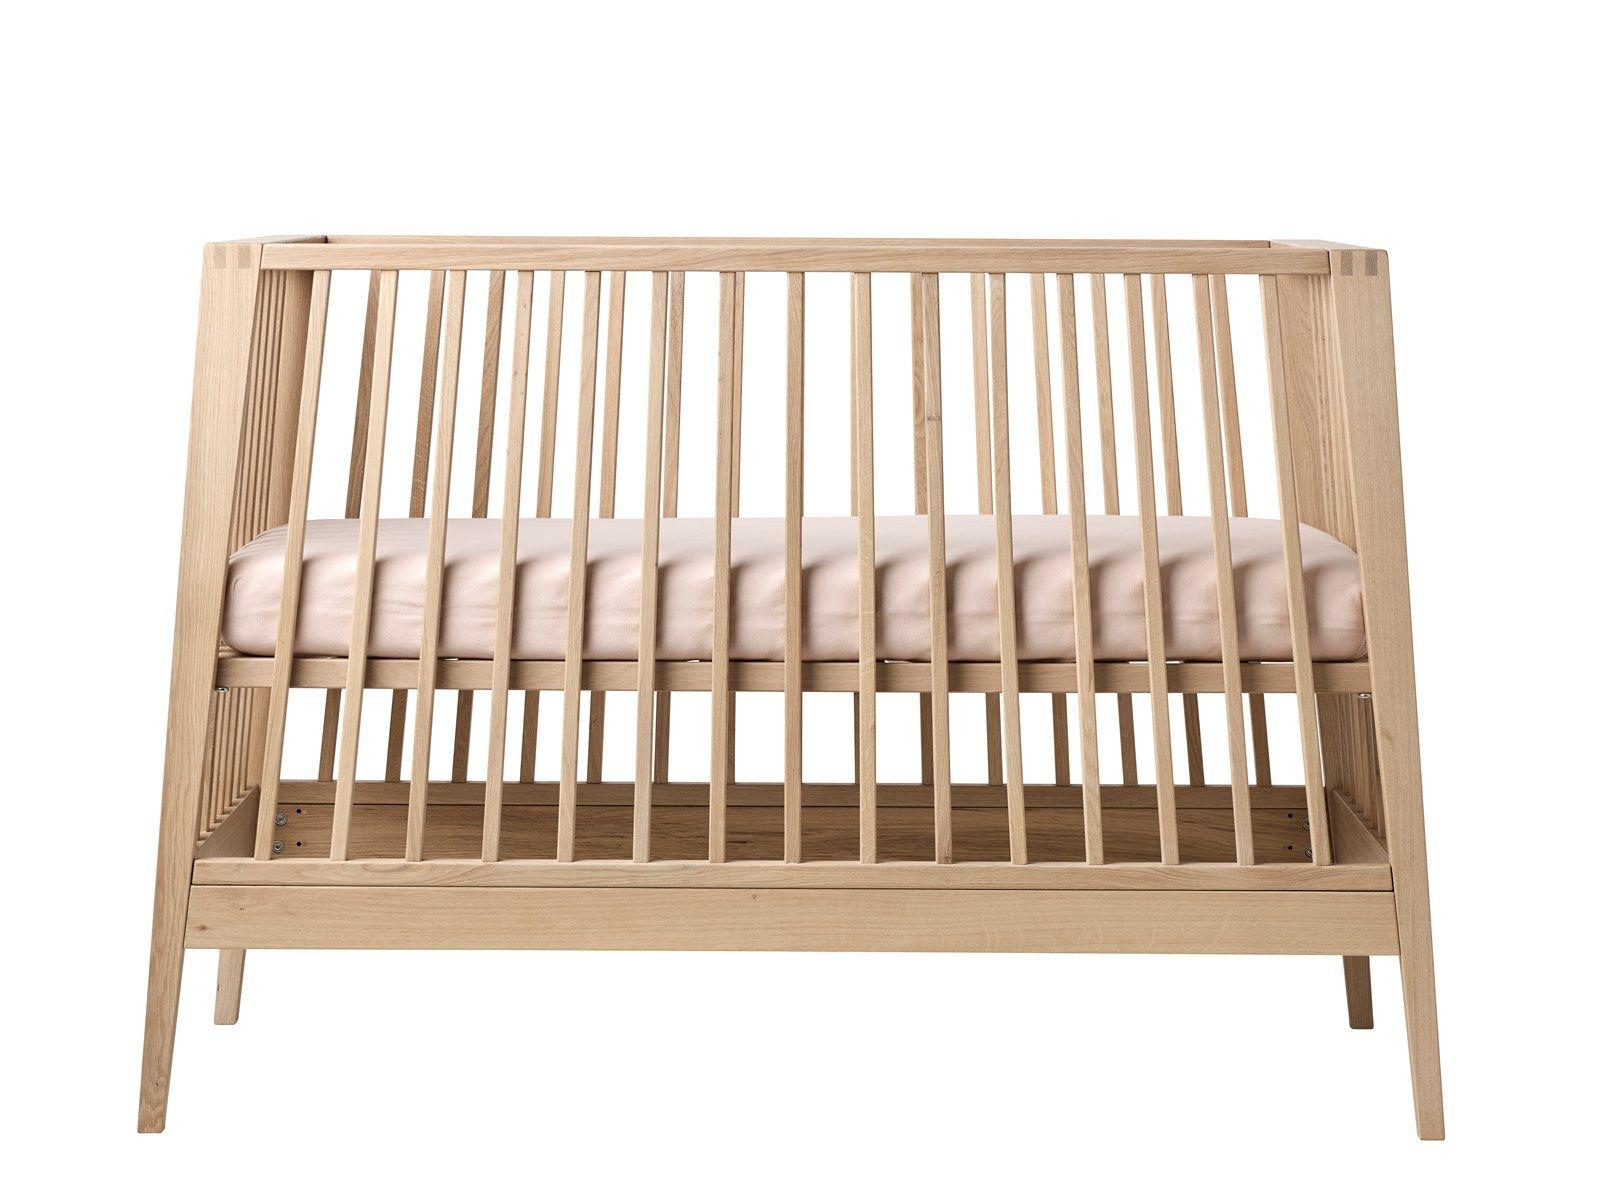 Babyseng u. madras linea by leander (bøg) fra Leander fra babygear.dk